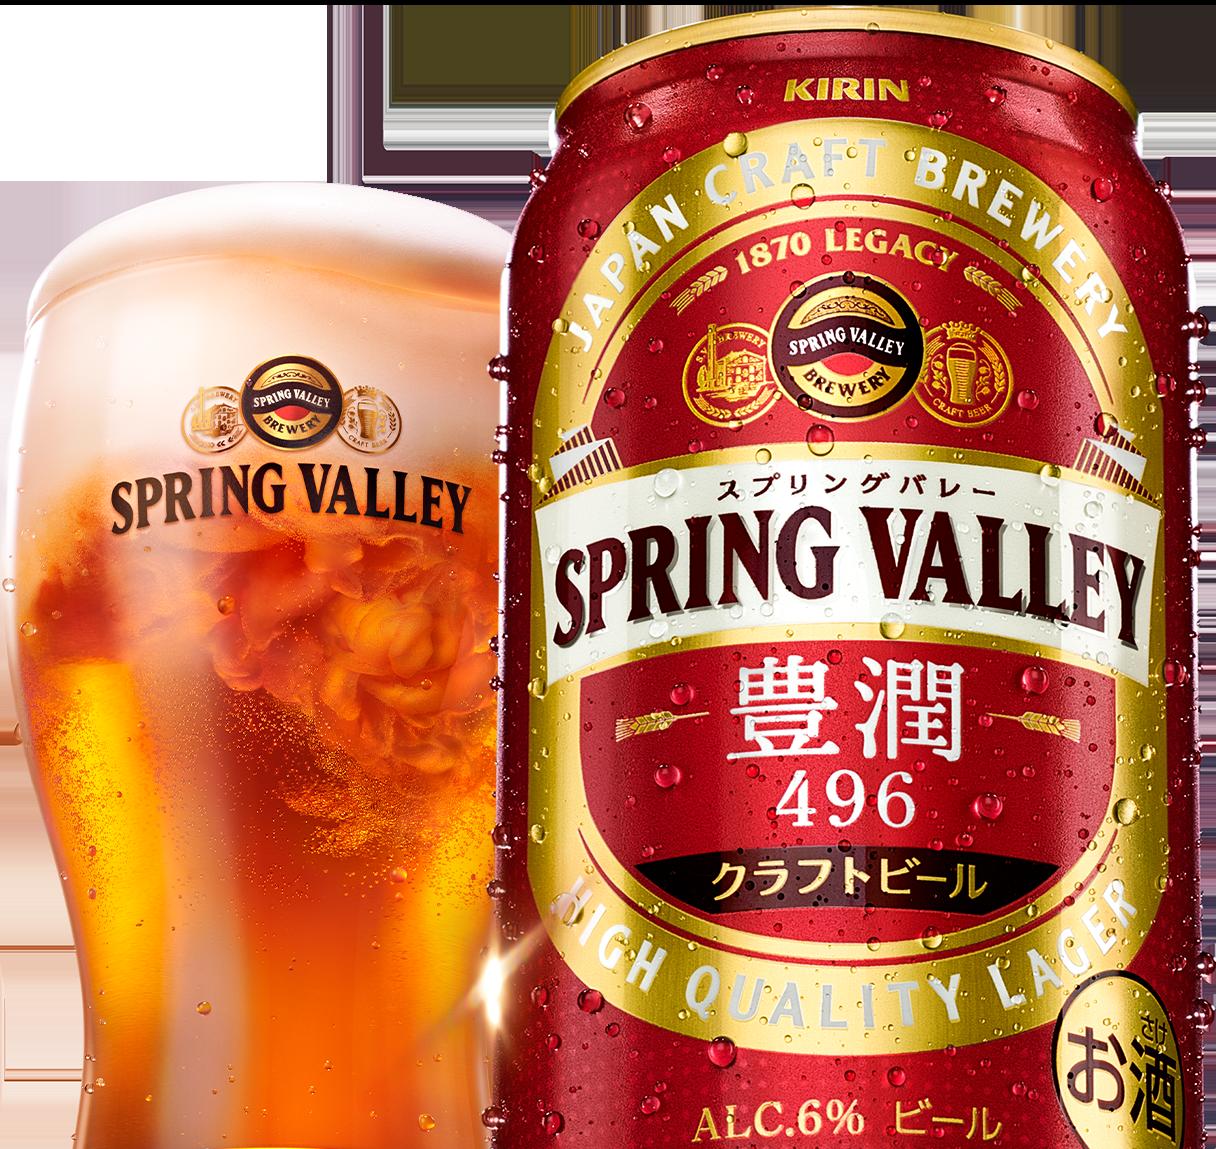 キリンビールのクラフトビール、SPRING VALLEY 豊潤<496>6ポンが抽選で3000名に当たる。8/1 15時~。